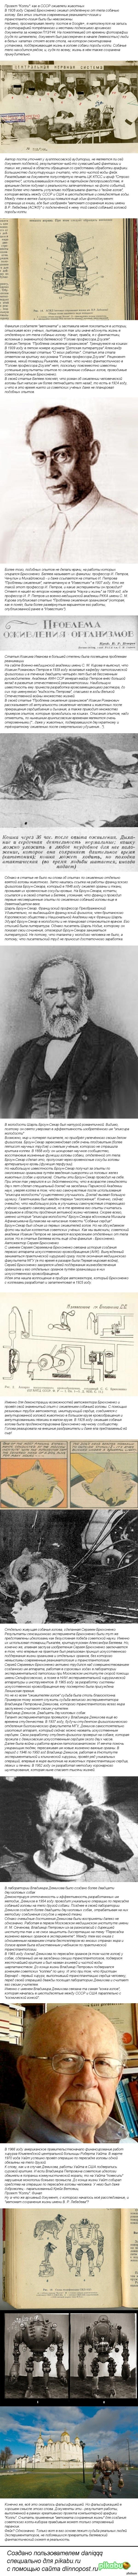 """Проект """"Колли"""". как в СССР оживляли животных"""